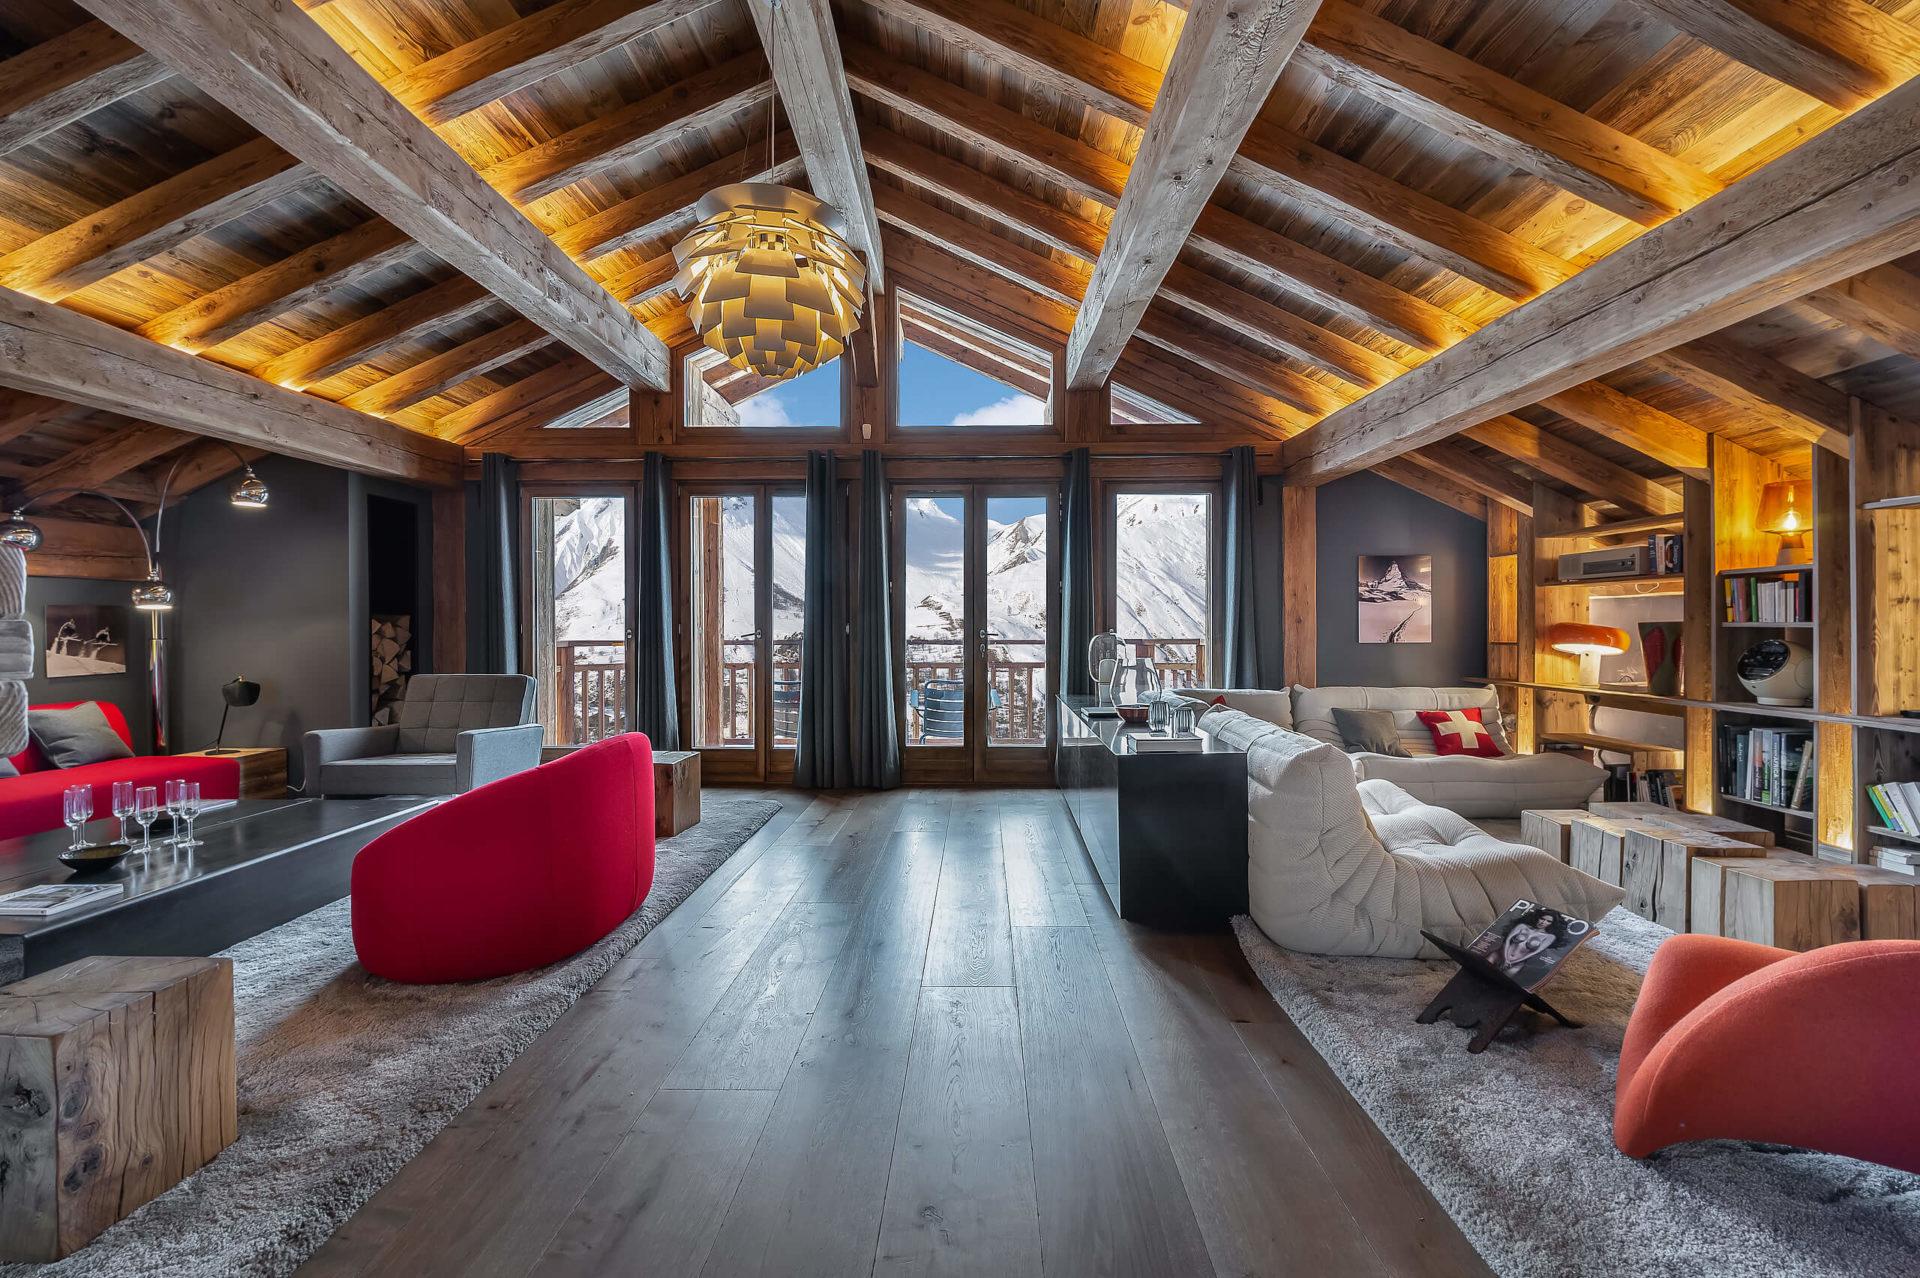 Ferme de 1779 - salon 1 / Saint Martin de Belleville, Savoie